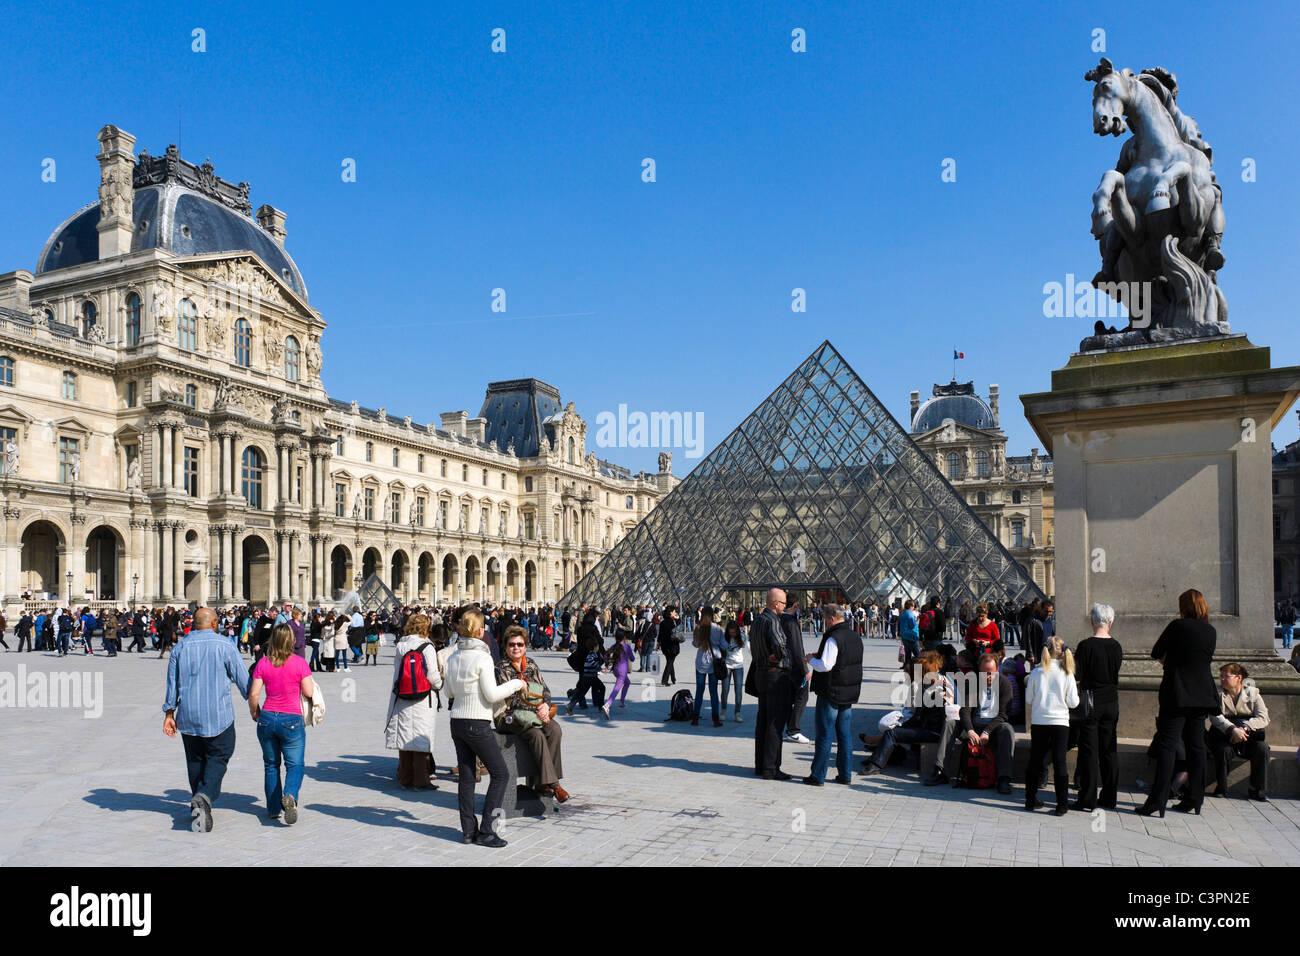 Musee du Louvre, Paris, France - Stock Image